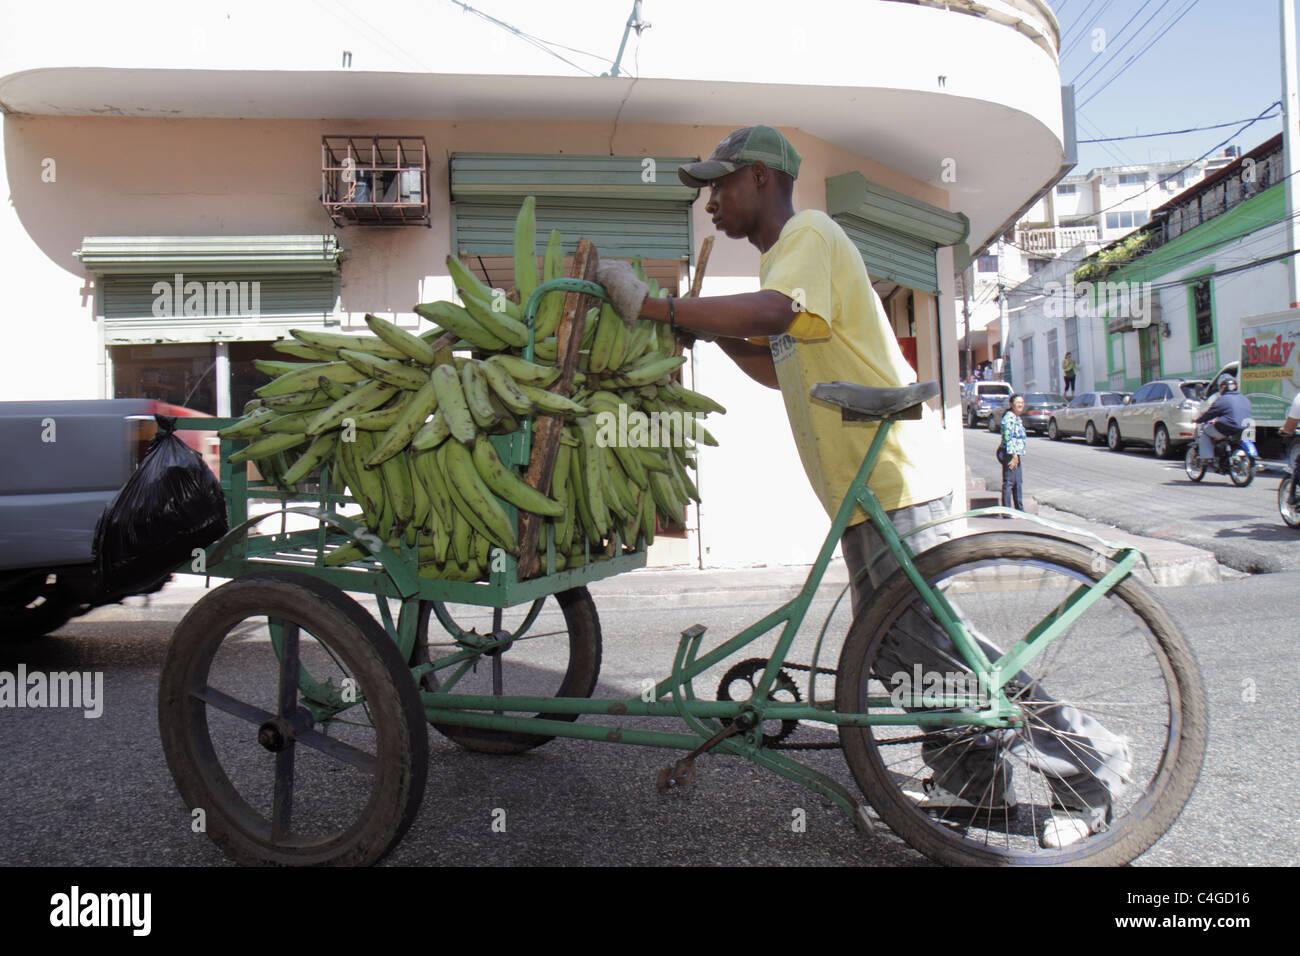 Santo Domingo Dominican Republic Ciudad Colonia Calle Santome Hispanic Black man street scene vendor produce green - Stock Photo